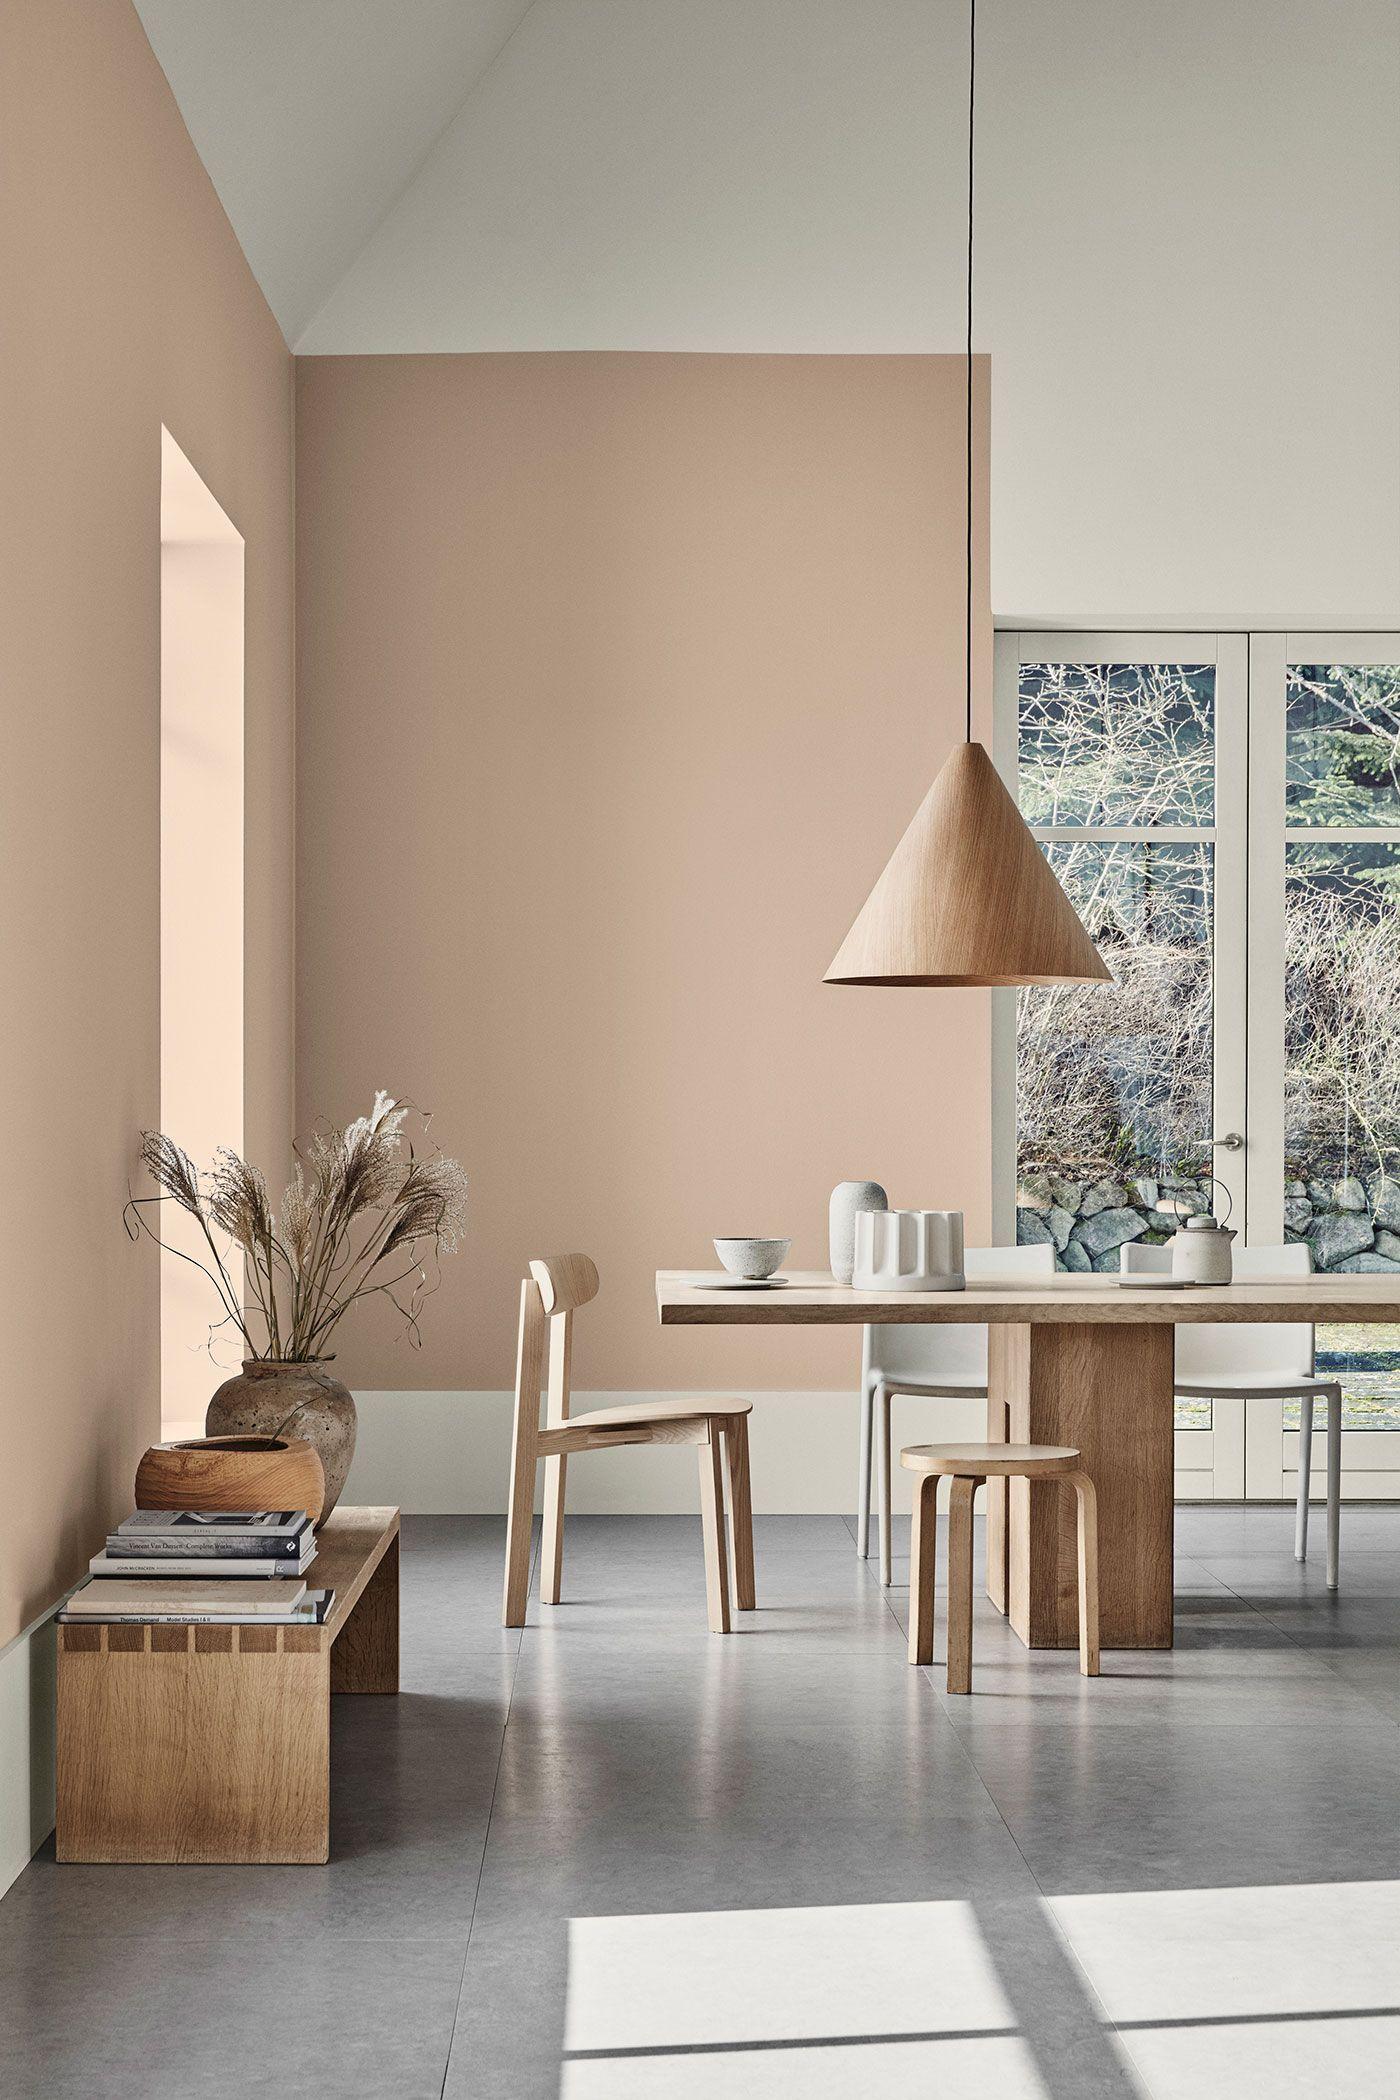 34+ Wonderful Minimalist Living Room Design Ideas images